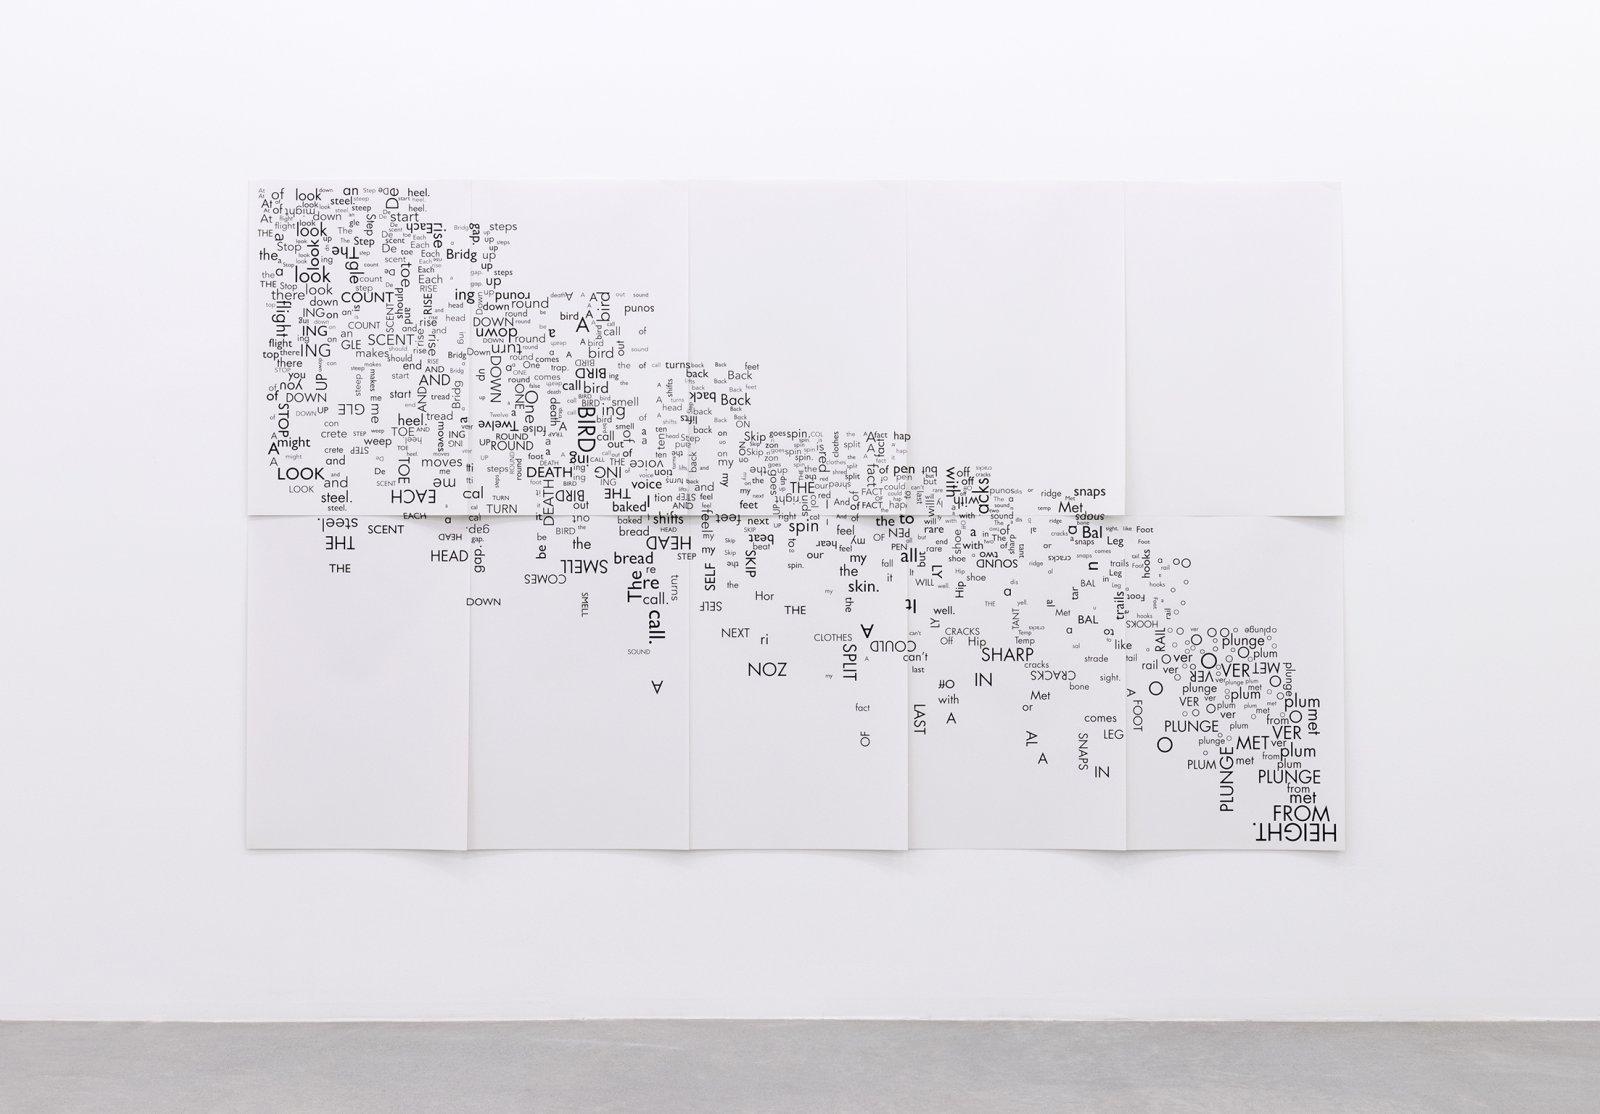 Janice Kerbel, Score, 'Fall', 2015, 10 silkscreen prints on paper, composition: 108 x 66 in. (273 x 167 cm), each sheet: 22 x 33 in. (56 x 84 cm)   by Janice Kerbel